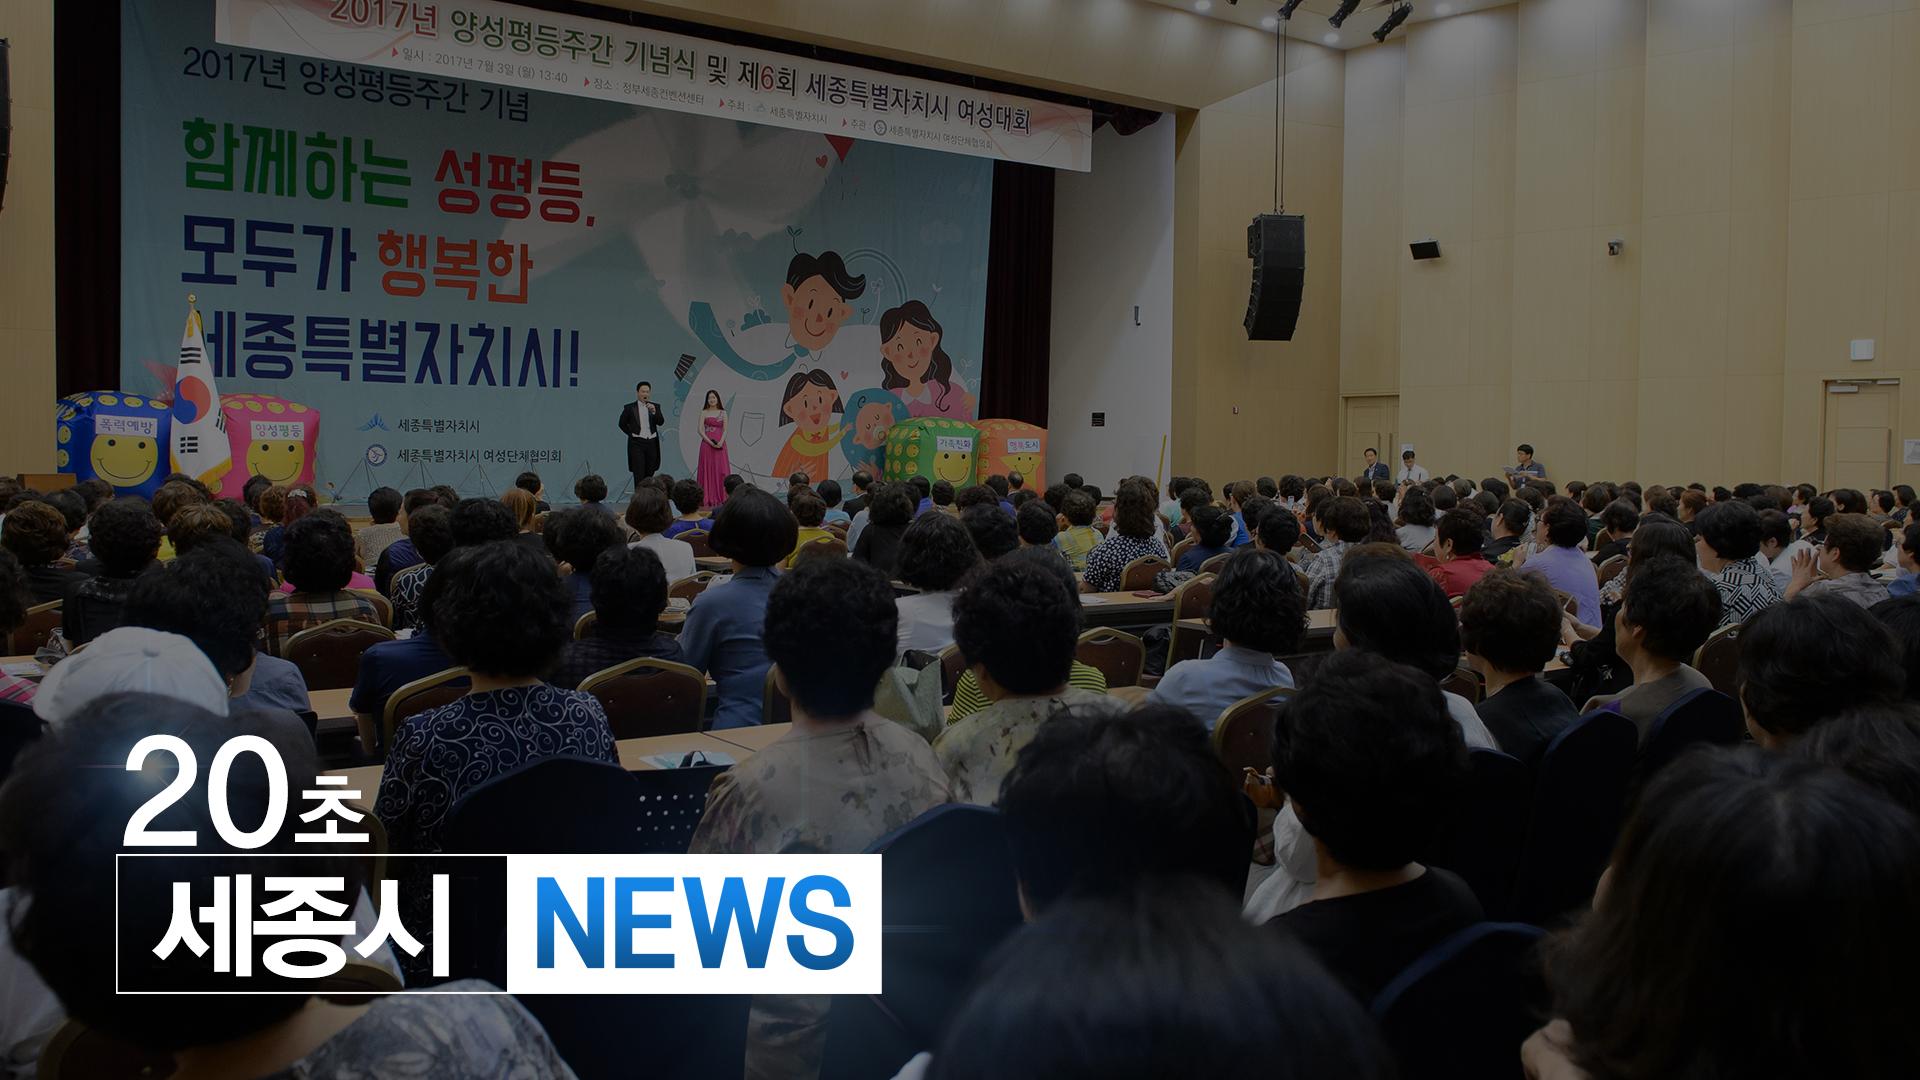 <20초뉴스> 2017년 양성평등주간 기념식 및 제6회 여성대회 개최